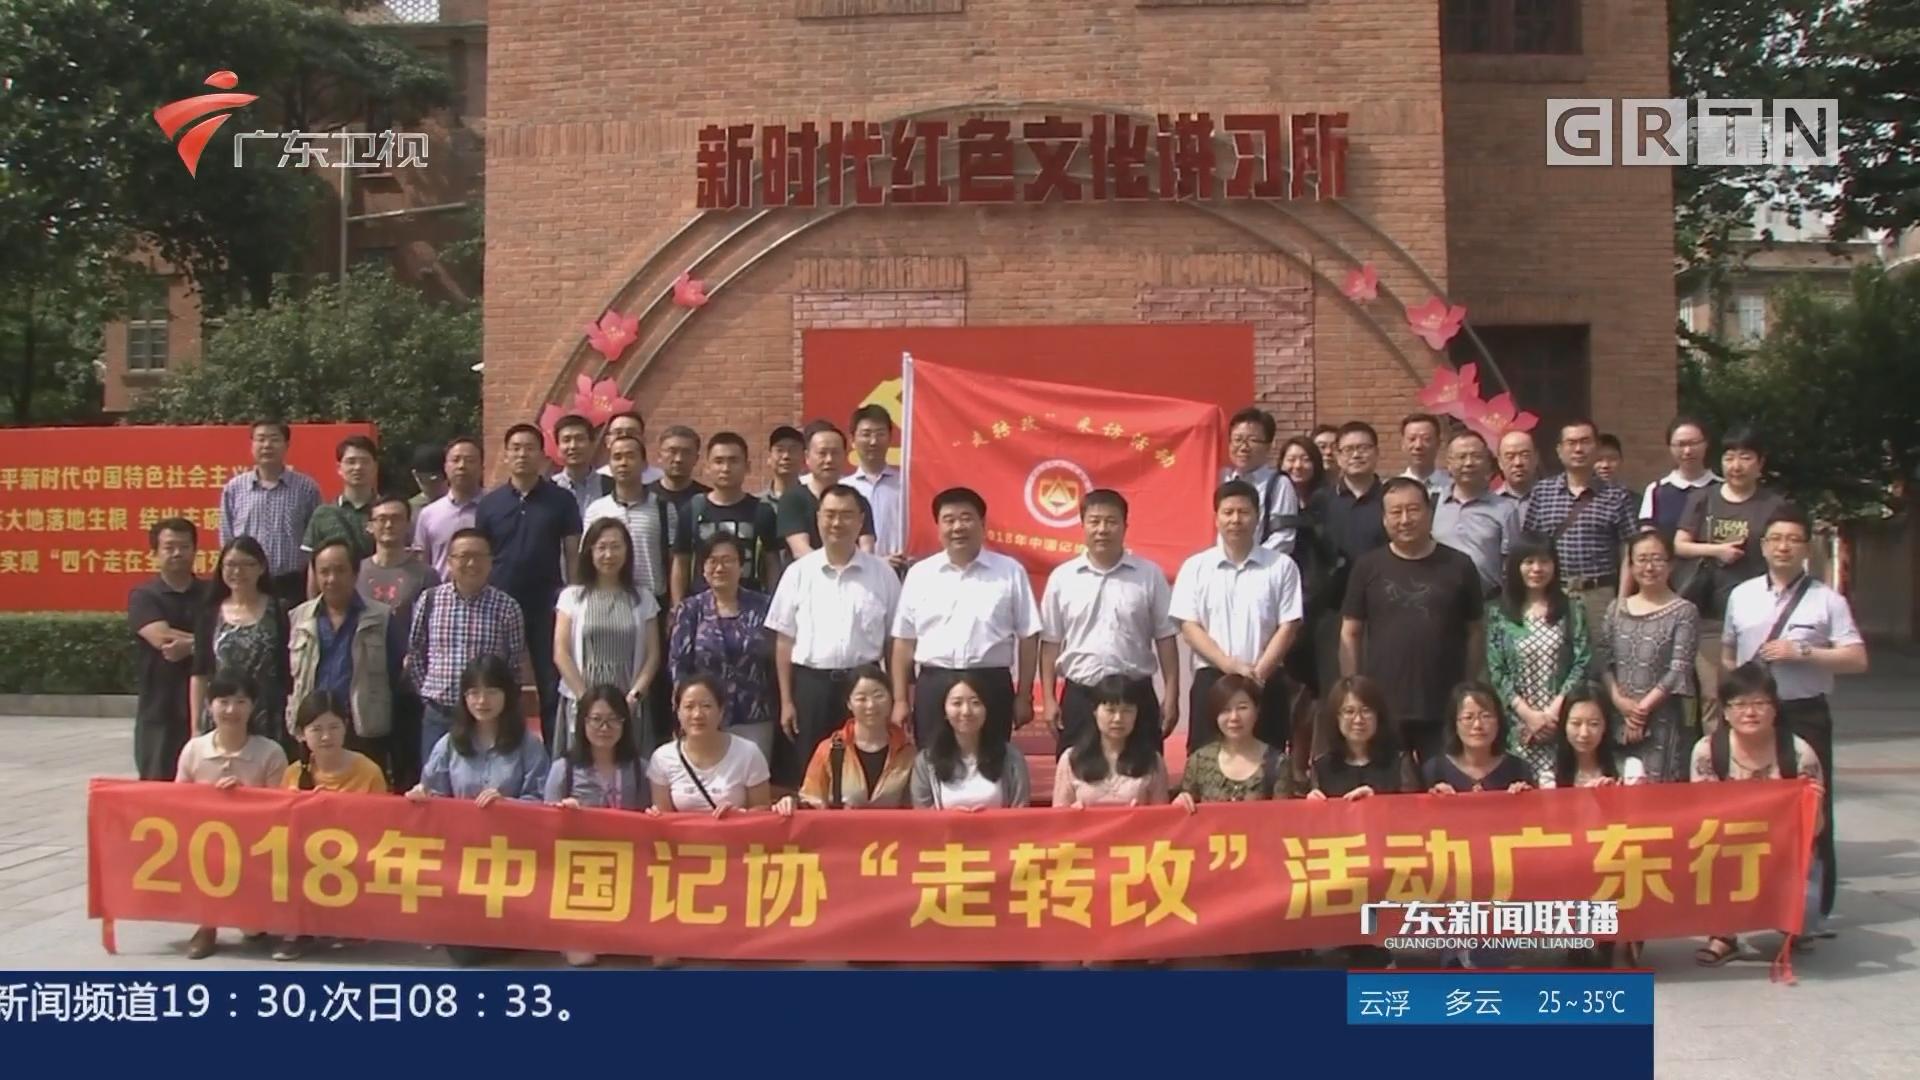 """中国记协2018年""""走转改""""采访活动广东行今日启动"""